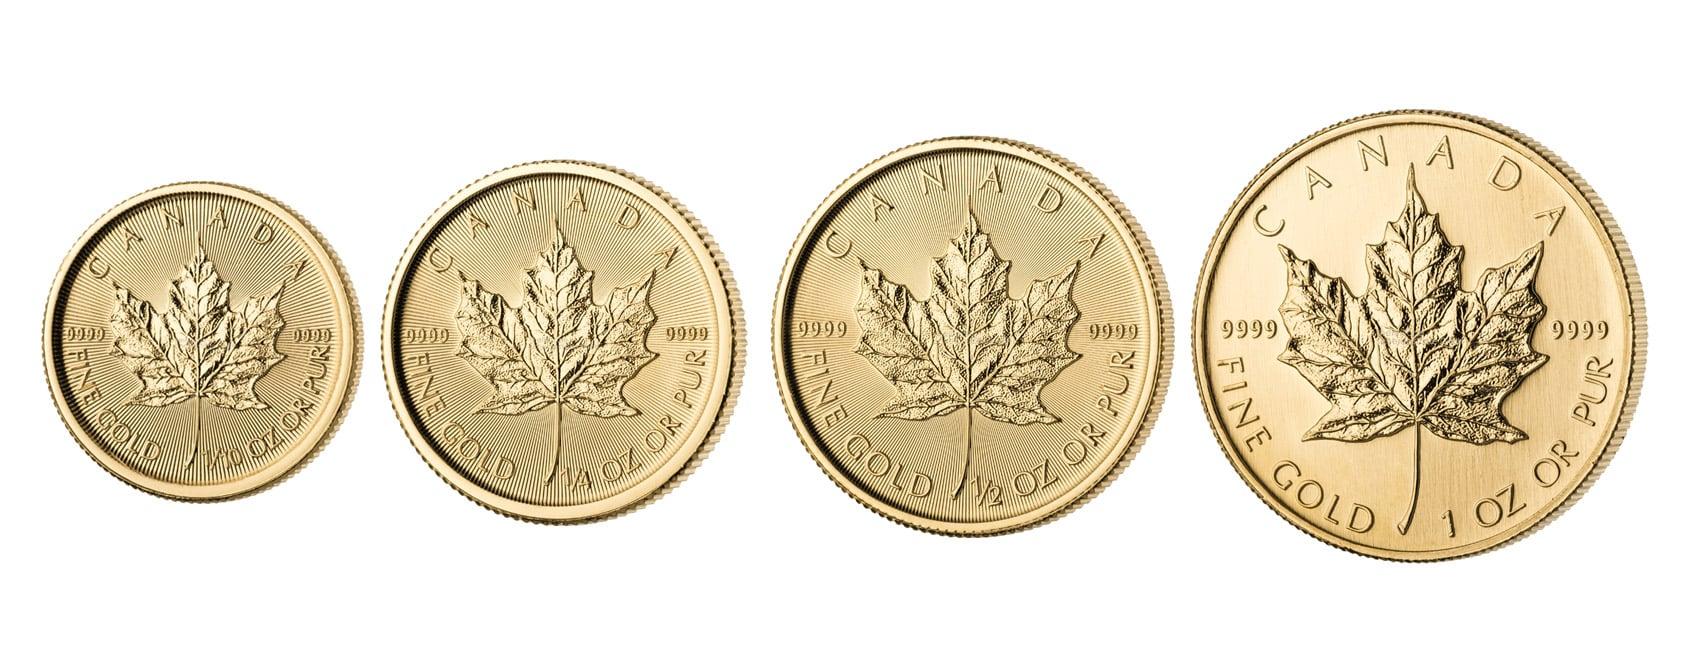 Maple Leaf Goldmünzen kaufen